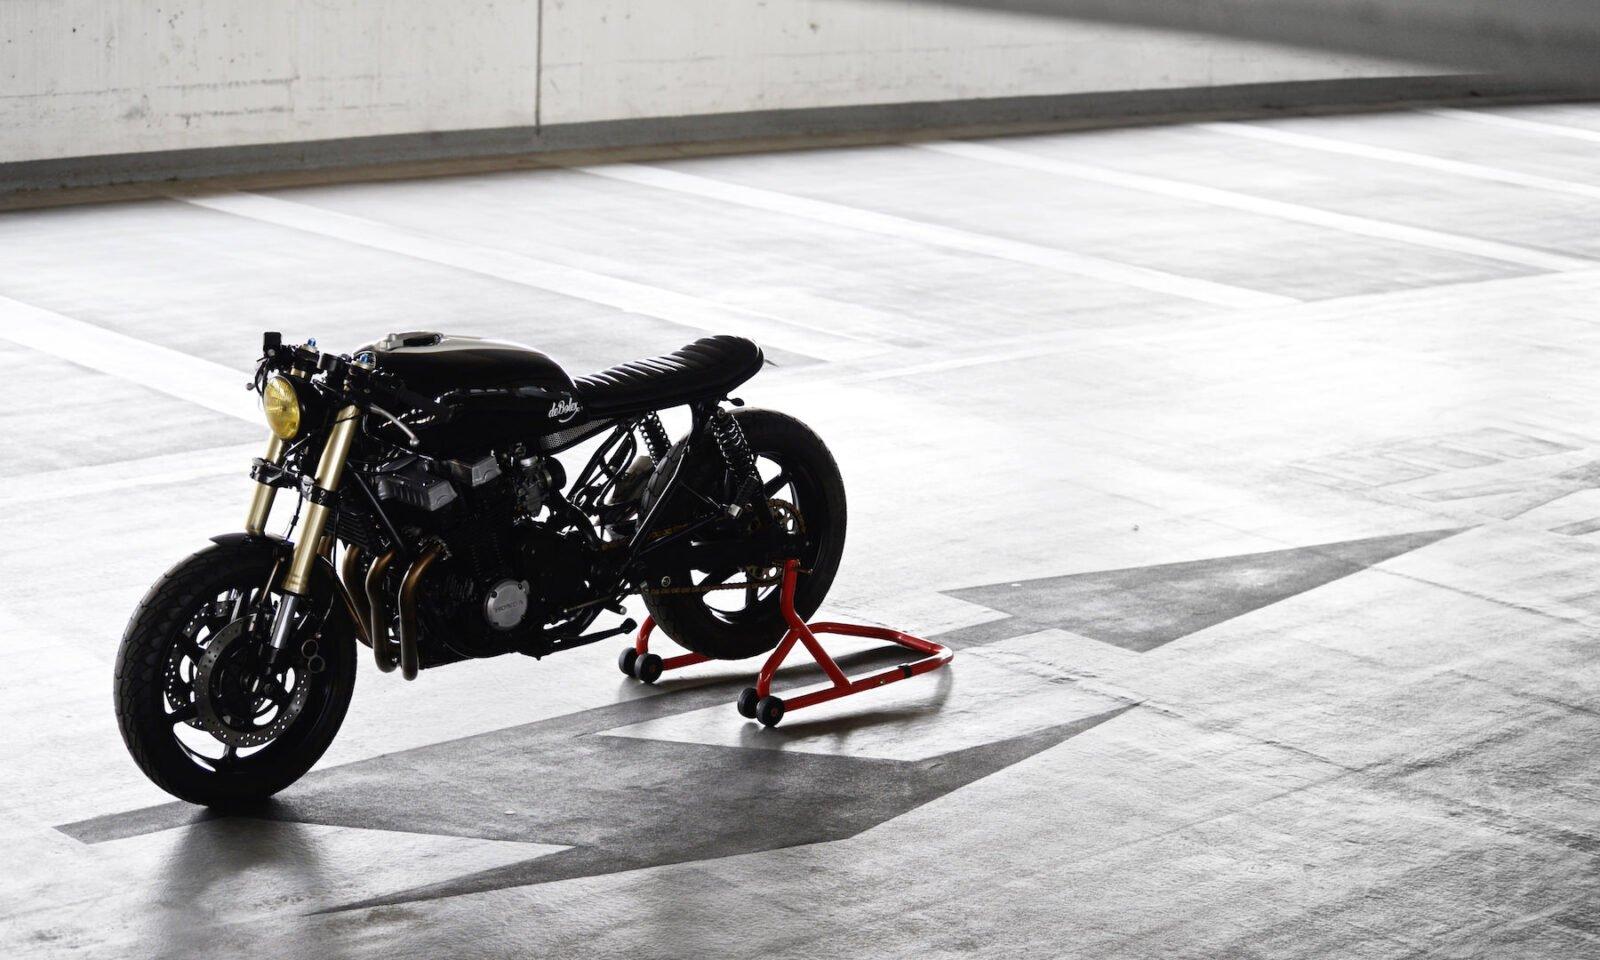 Honda CB750 Custom 17 1600x960 - Honda CB750 F2N by Debolex